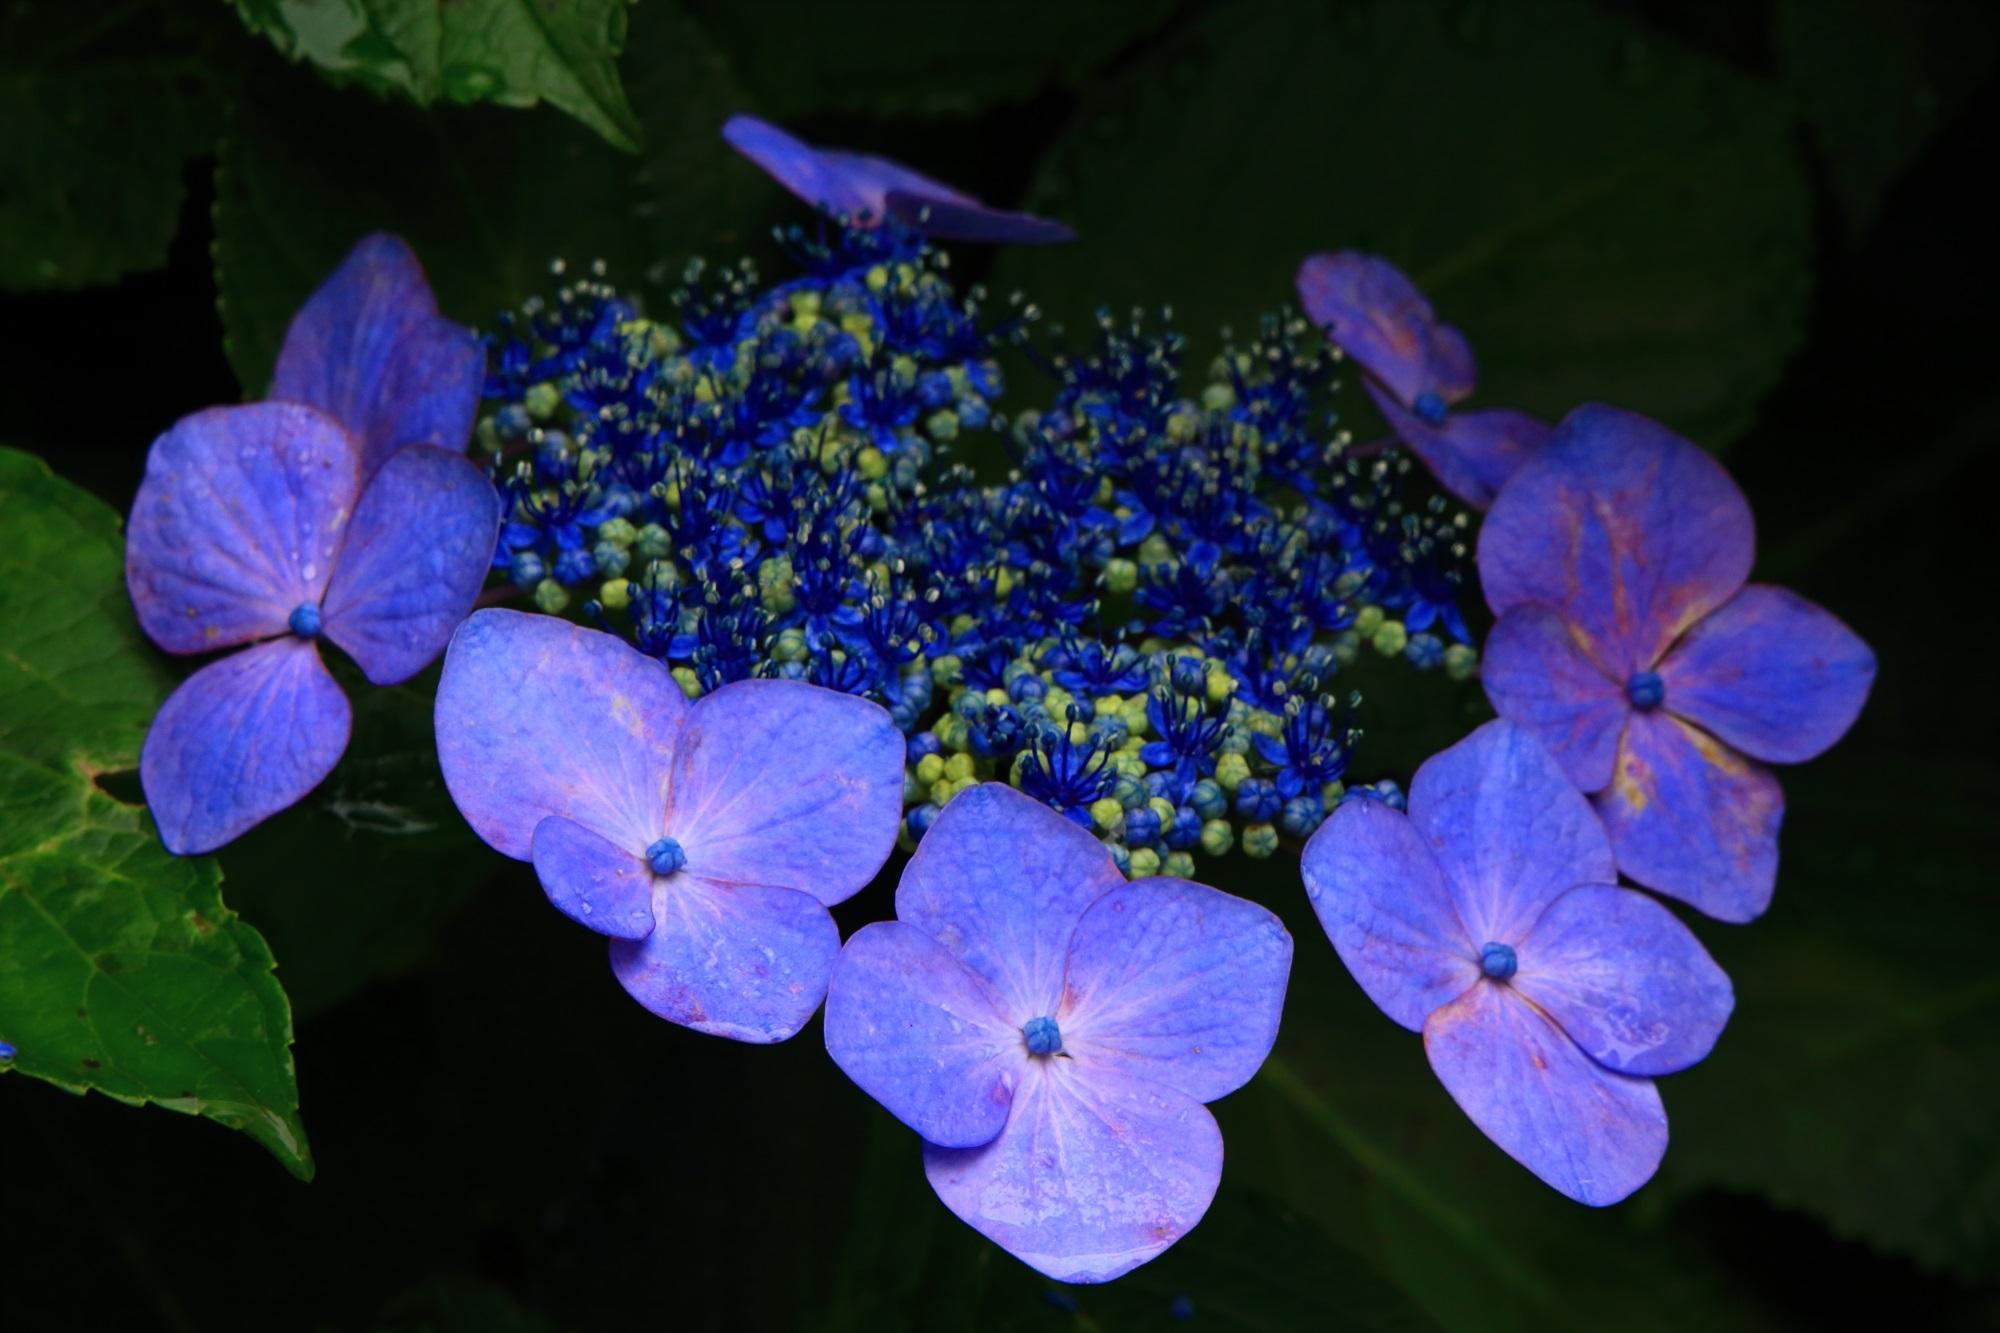 丹州観音寺の見事な額紫陽花(ガクアジサイ)